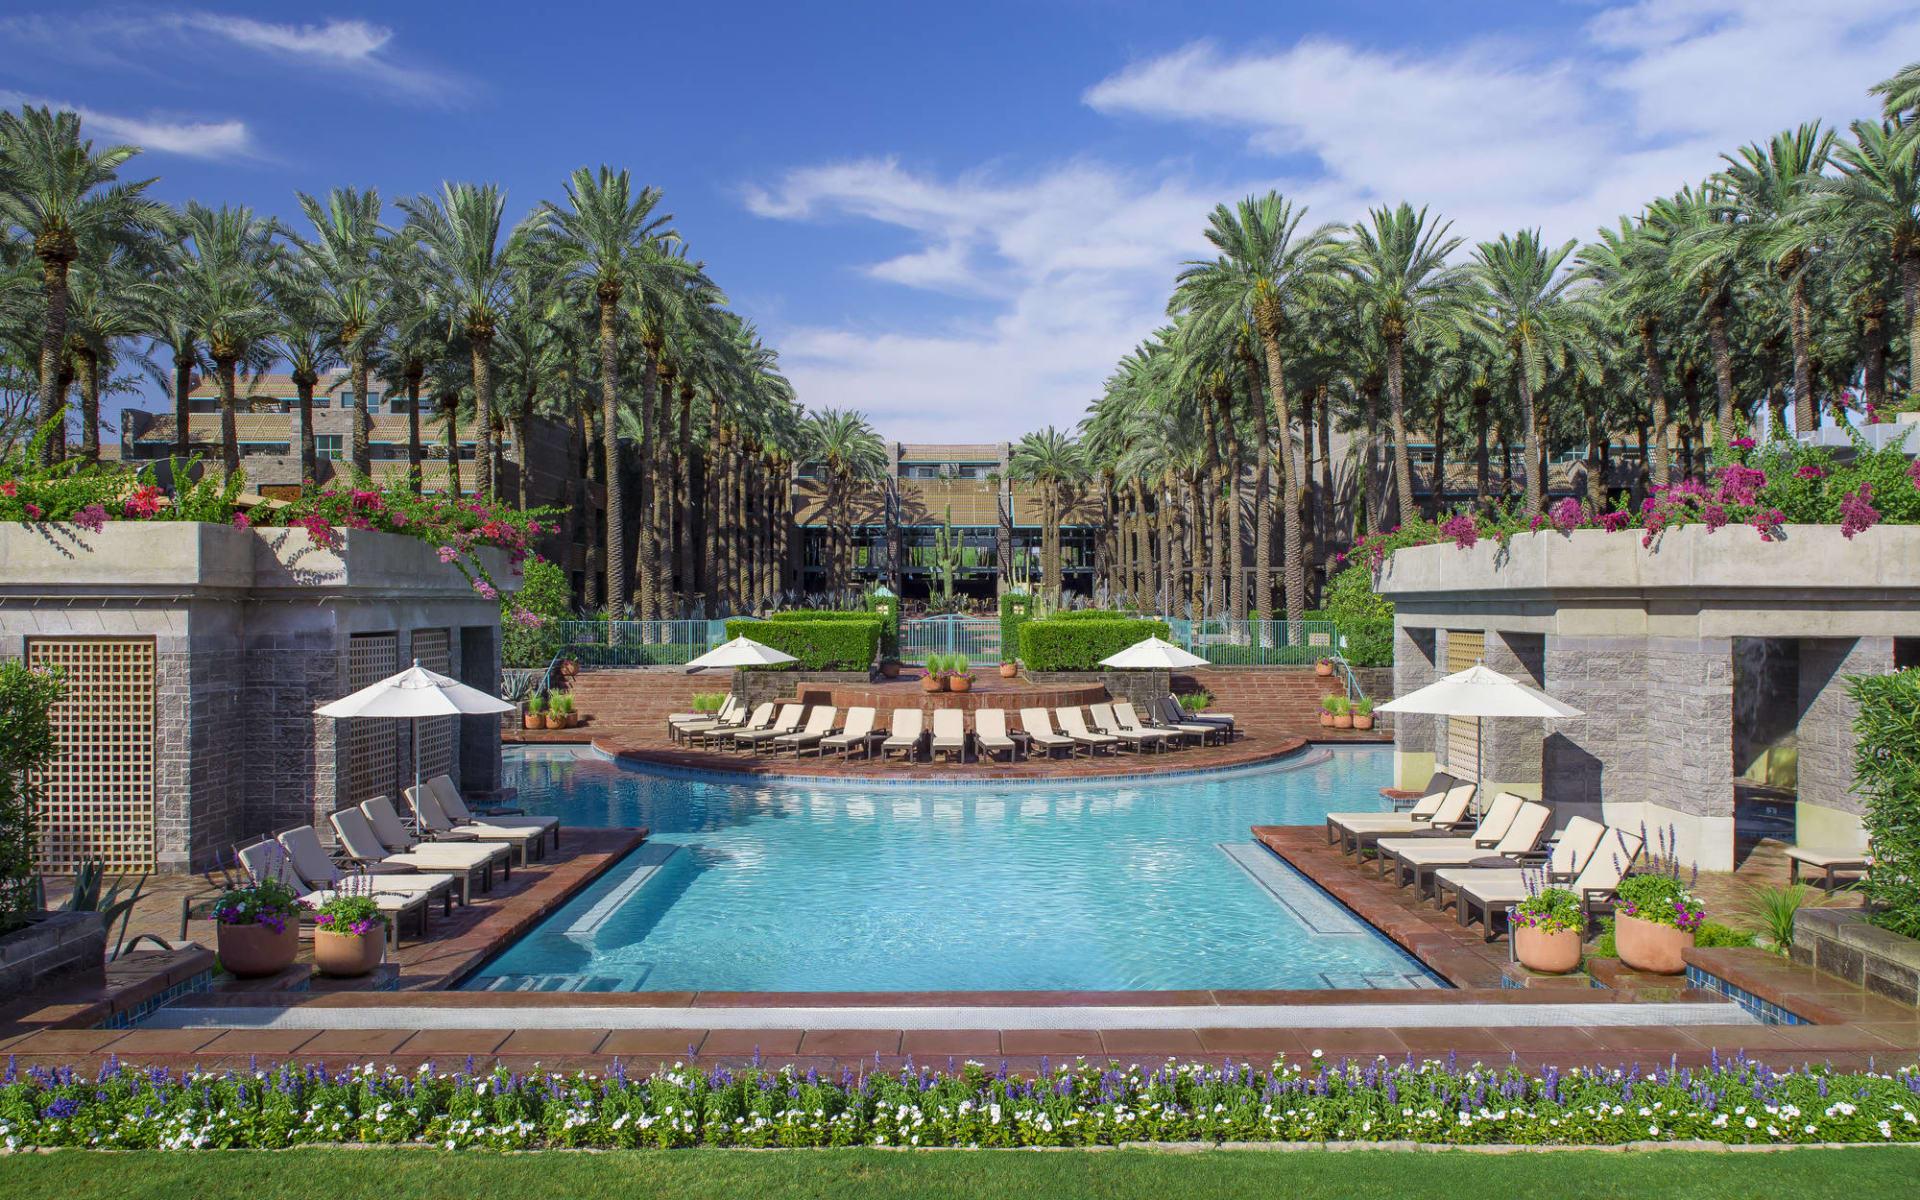 Hyatt Regency Resort Scottsdale: Hyatt Regency Scottsdale Resort & Spa at Gainey Ranch - Pool